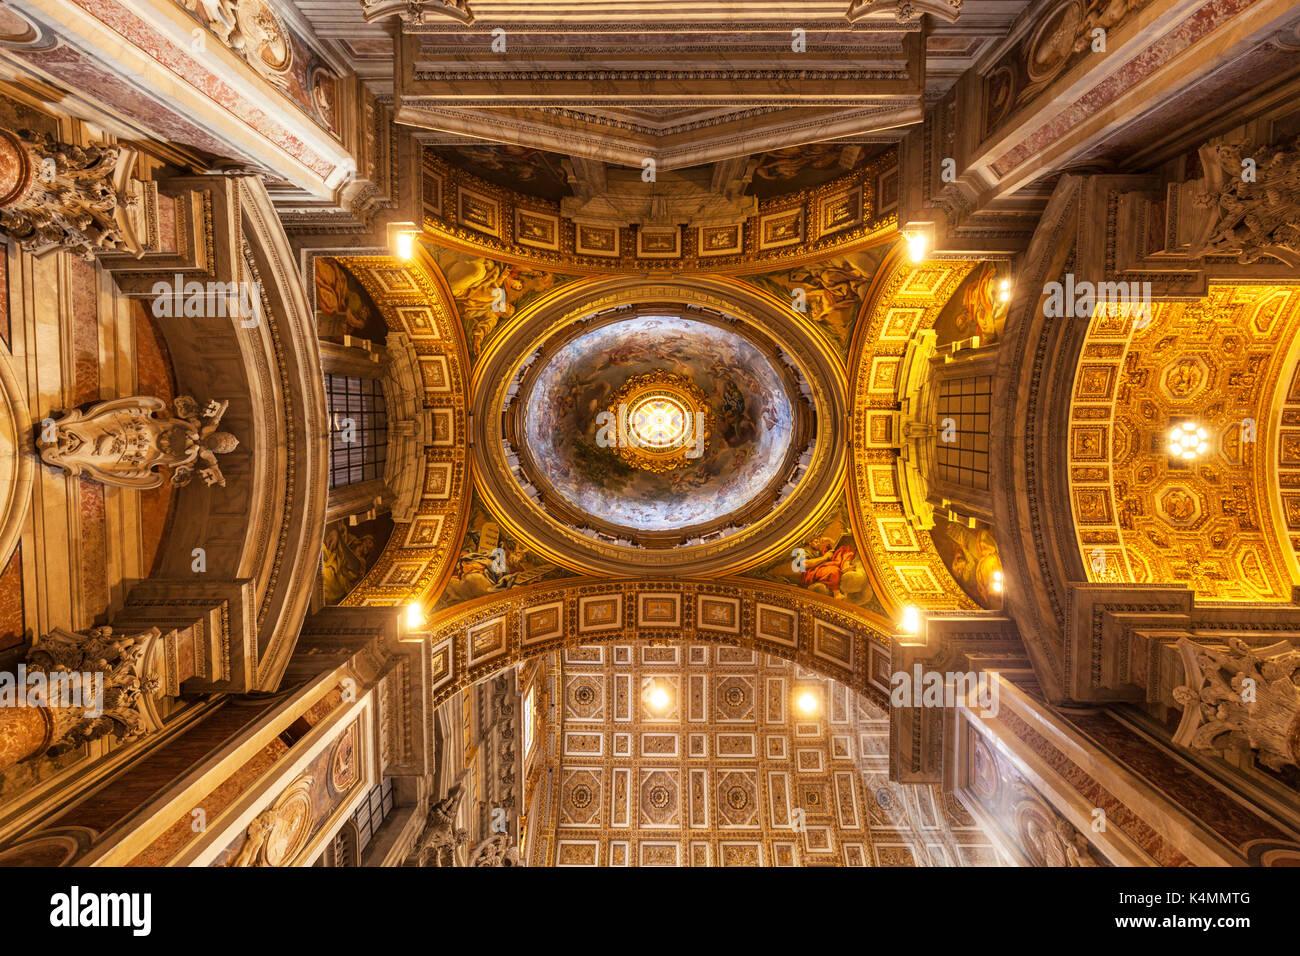 Intérieur de la Basilique Saint-Pierre du Vatican, dôme de toit UNESCO World Heritage Site, Rome, Latium, Italie, Europe Photo Stock